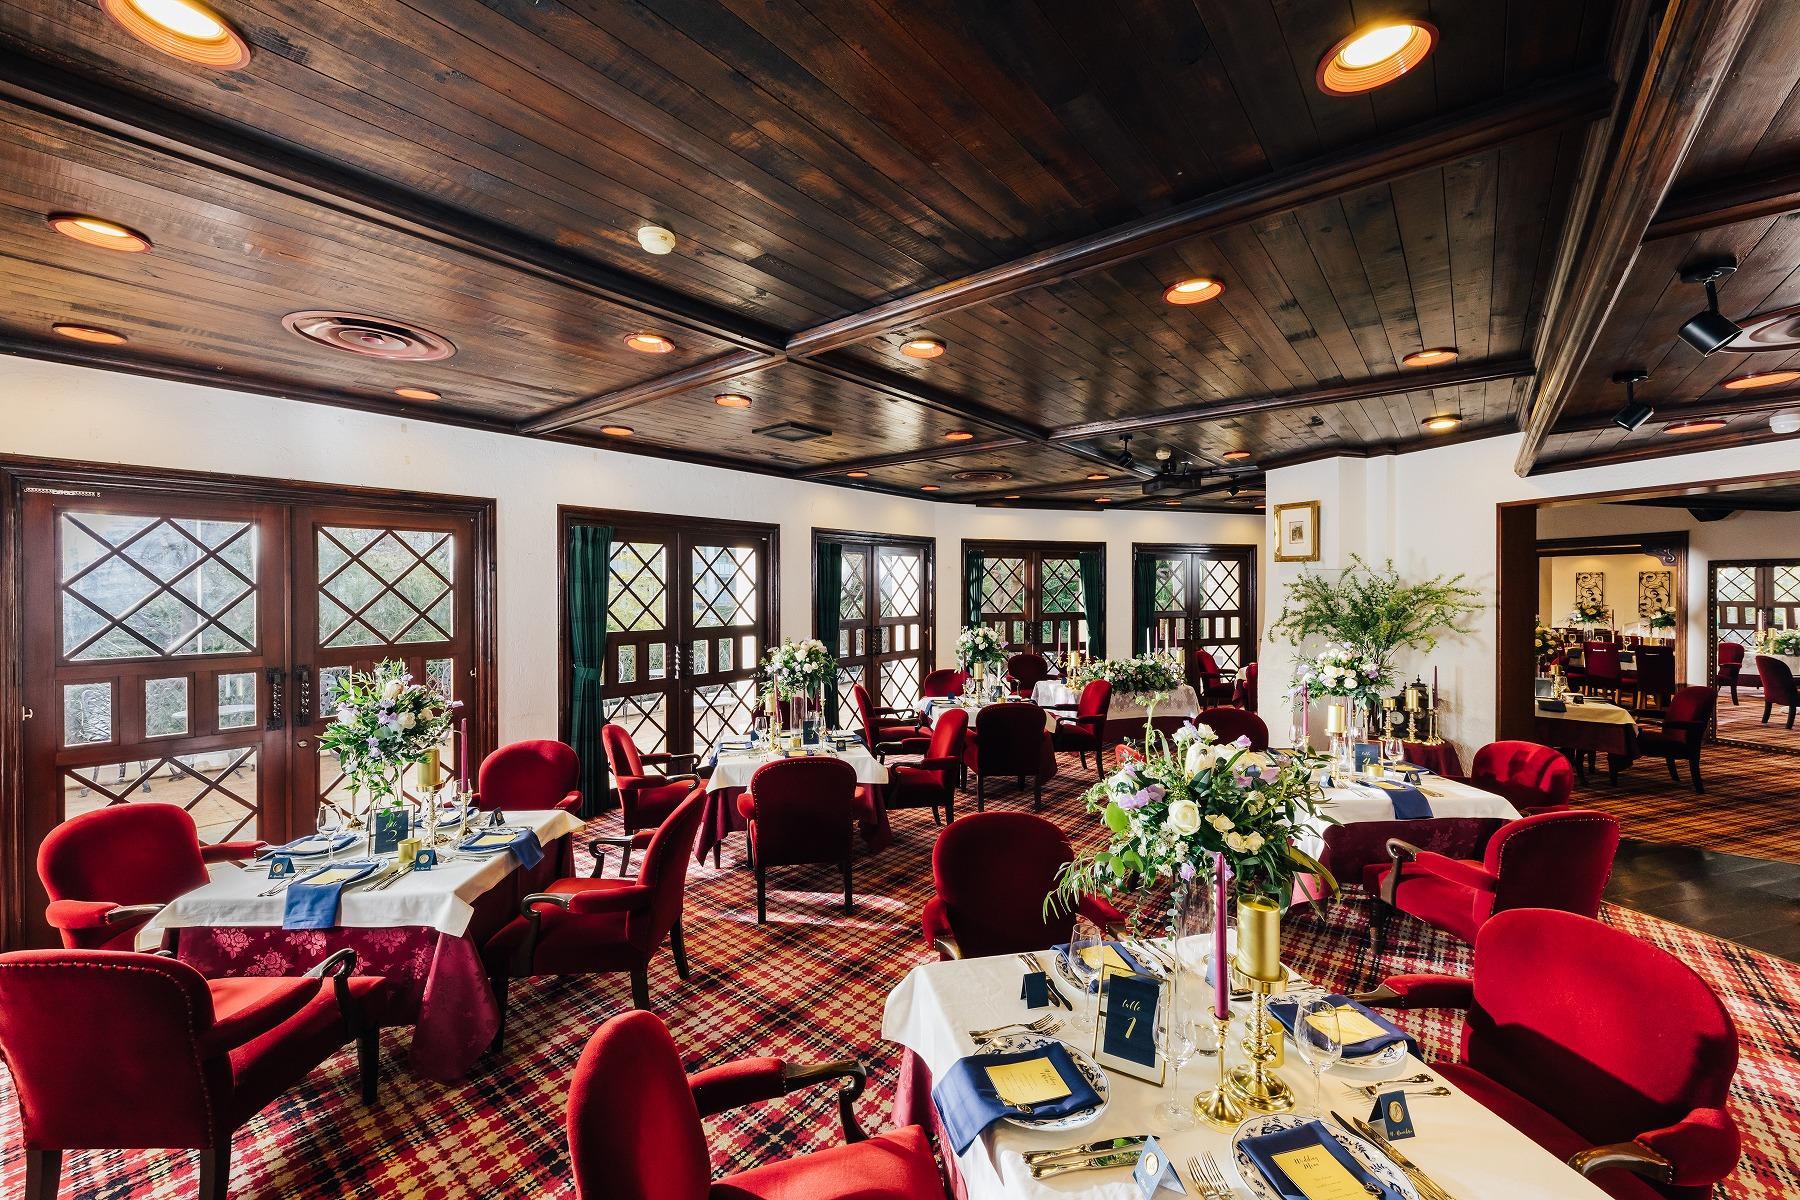 少人数の会食中心の結婚式から、大人数での披露宴まで貸切で叶う大人のプライベートウエディング。